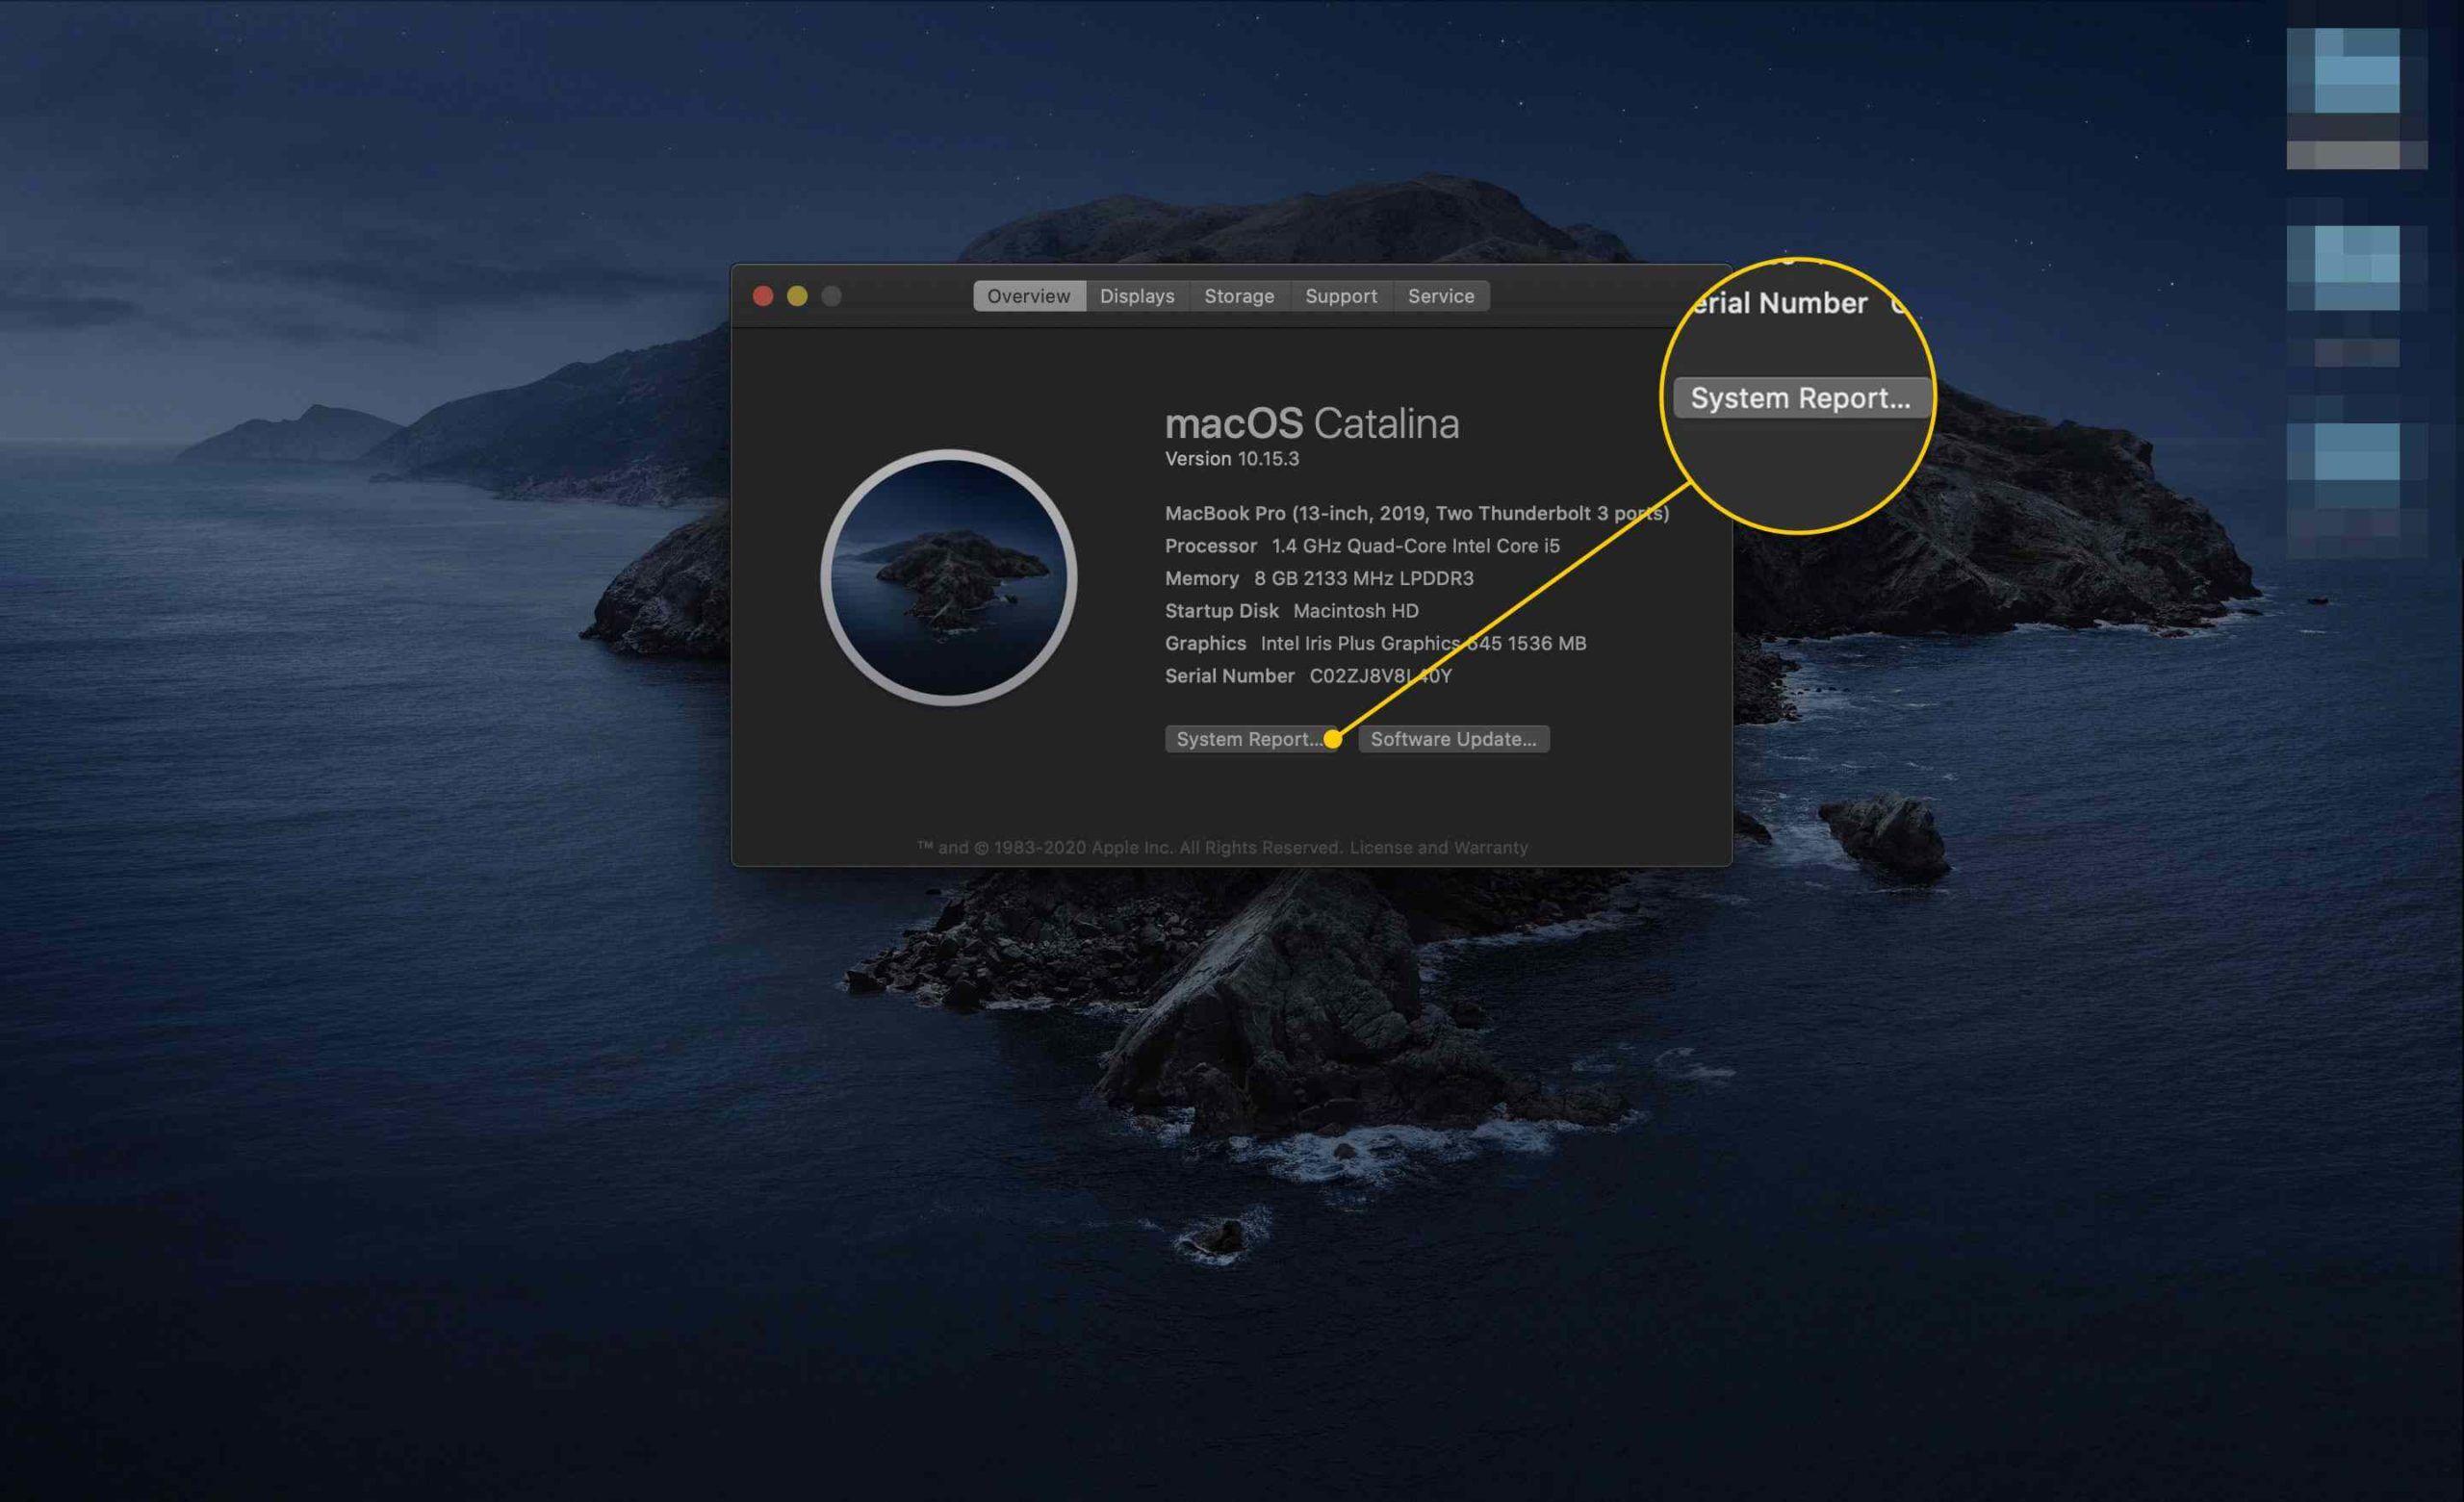 8. Cara Downgrade MacOS Catalina to Mojave Menggunakan Installer scaled